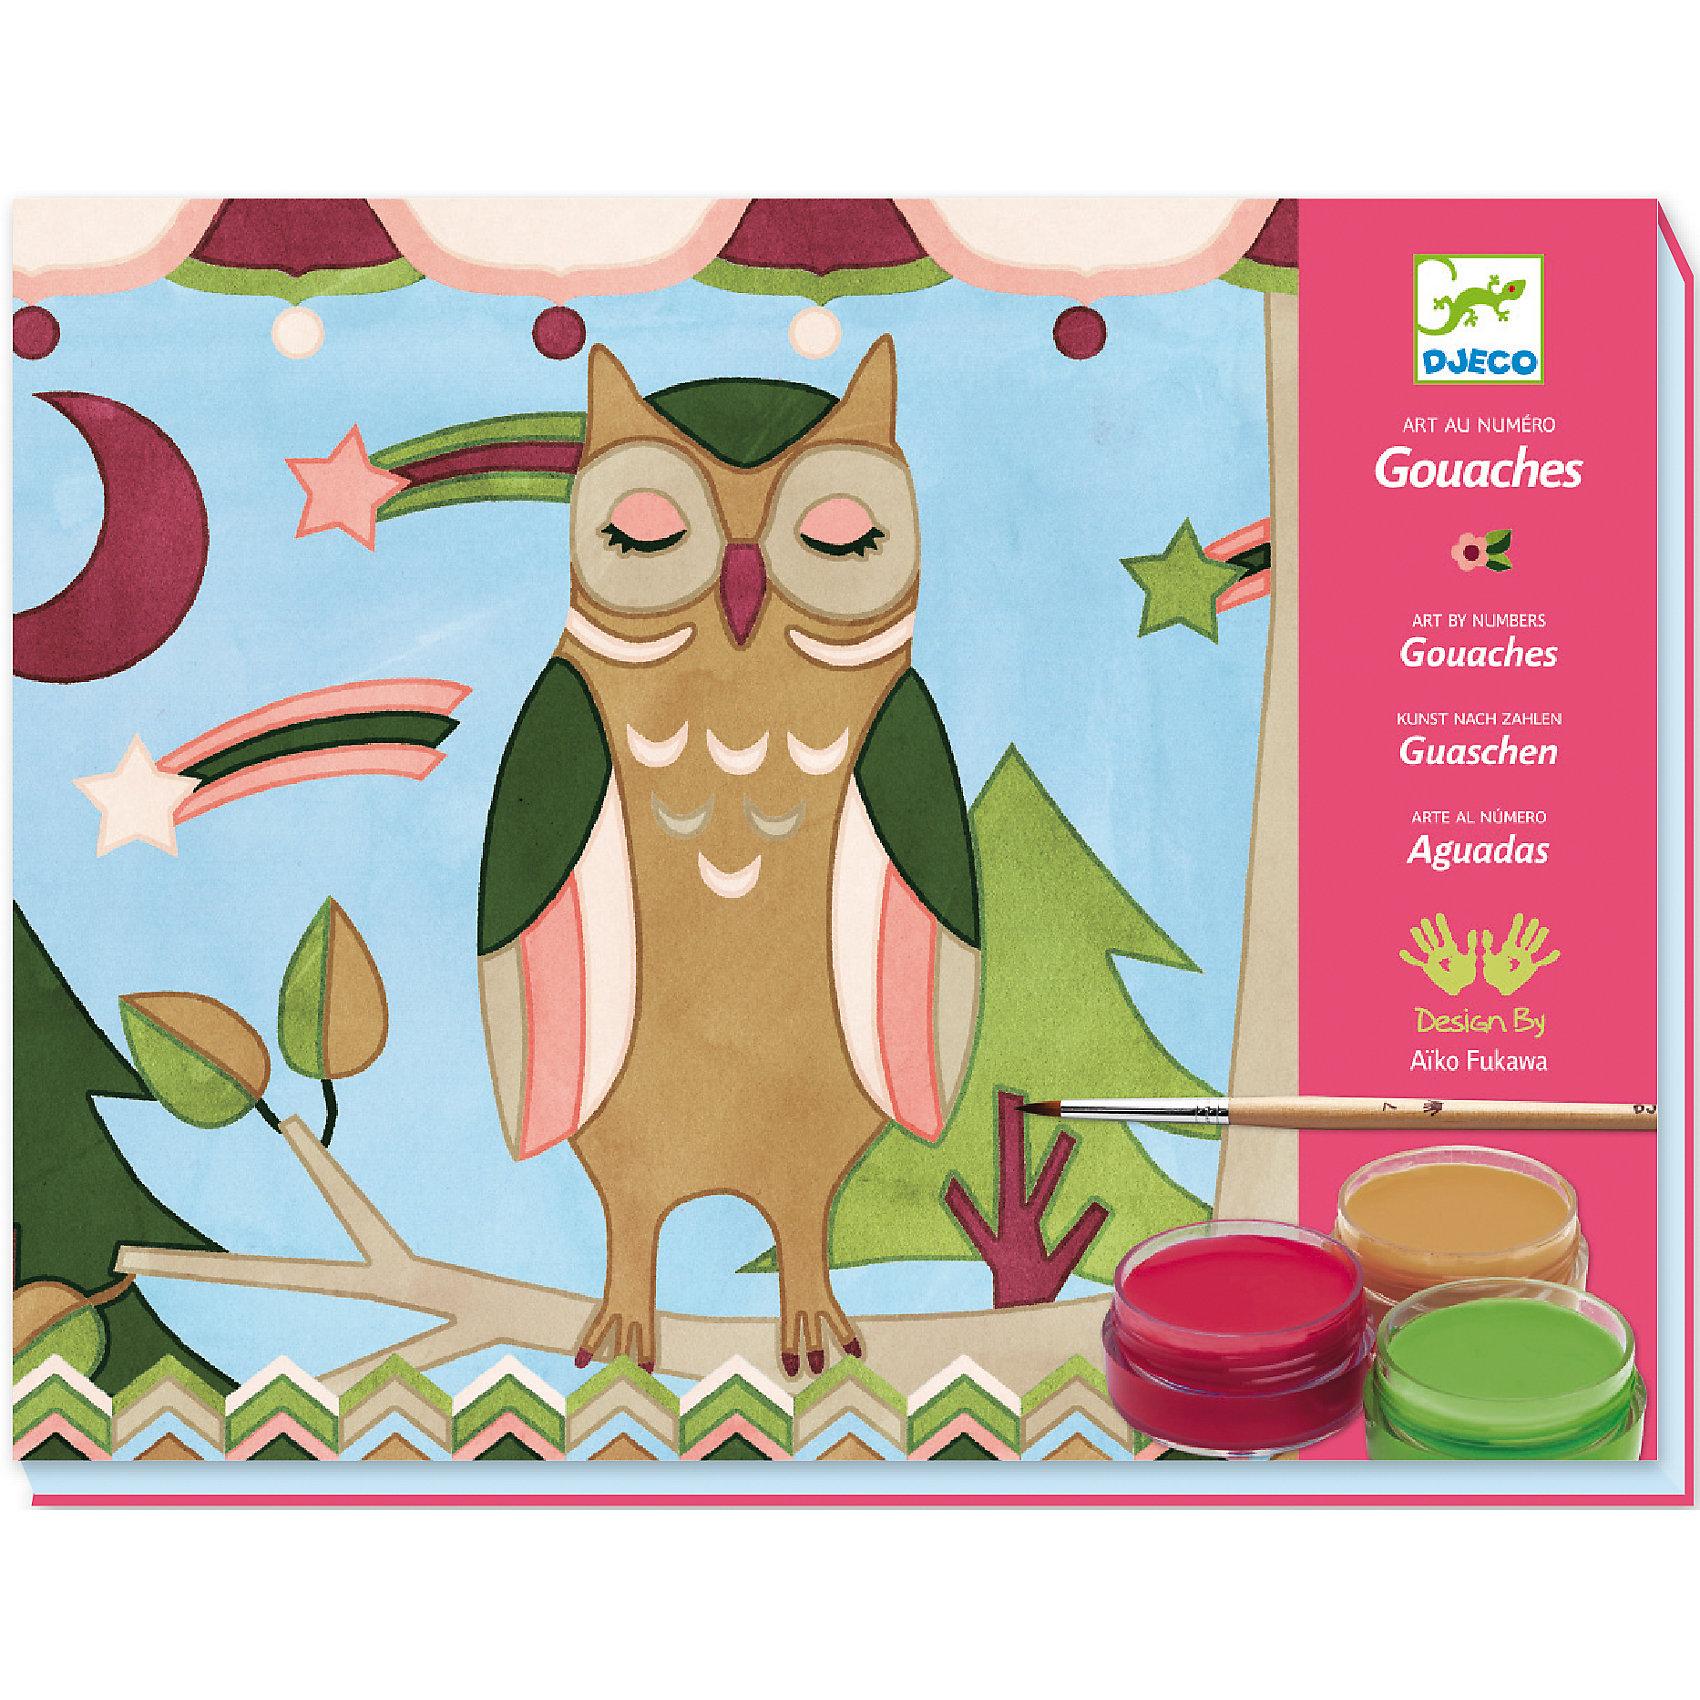 Набор картинок для раскрашивания ЖивотныеРисование<br>Увлекательный набор для творчества с карточками-раскрасками и красками понравится каждому ребенку. Карточки с забавными животными можно раскрасить согласно инструкции или же проявить собственные творческие способности. Составляйте красочный альбом для рисования или украшайте картинками детскую комнату вашего малыша! В составе набора: 4 карточки, 8 баночек с гуашью, 2 кисточки, подробная инструкция.<br><br>Набор картинок для раскрашивания Животные можно купить в нашем магазине.<br><br>Ширина мм: 40<br>Глубина мм: 300<br>Высота мм: 230<br>Вес г: 930<br>Возраст от месяцев: 48<br>Возраст до месяцев: 96<br>Пол: Унисекс<br>Возраст: Детский<br>SKU: 4783846